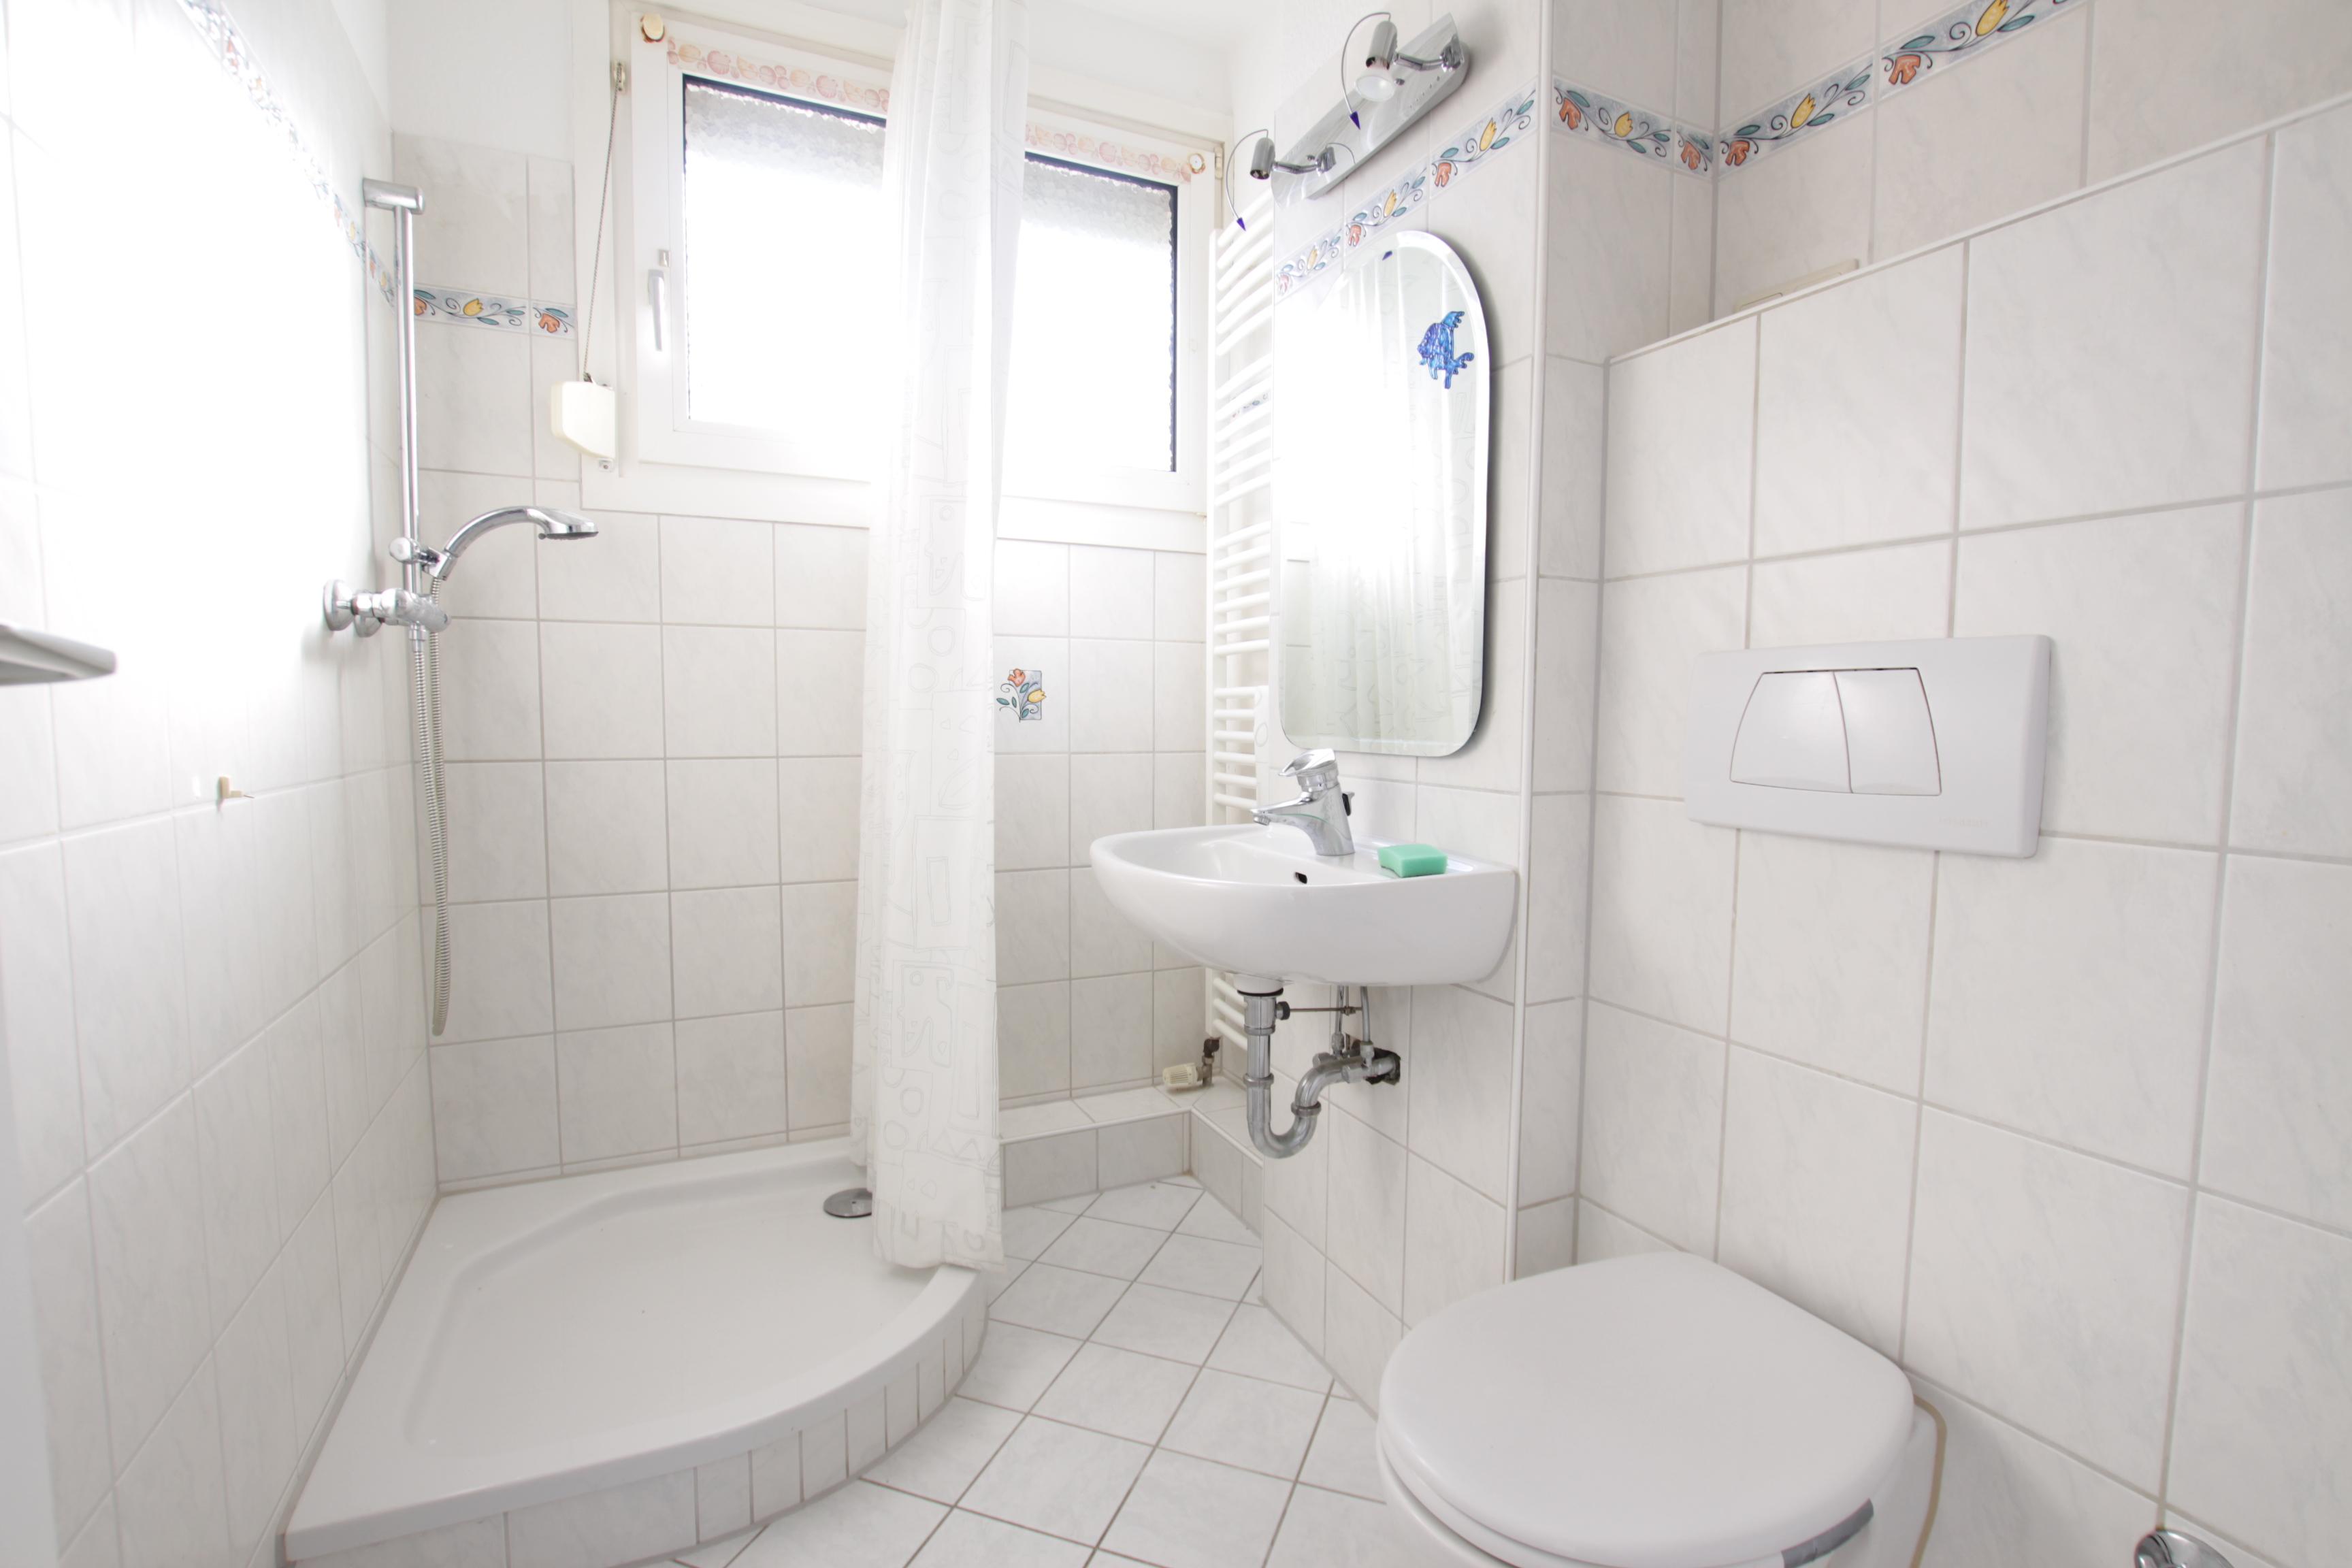 erstbezug nach renovierung rosenbusch immobilien. Black Bedroom Furniture Sets. Home Design Ideas